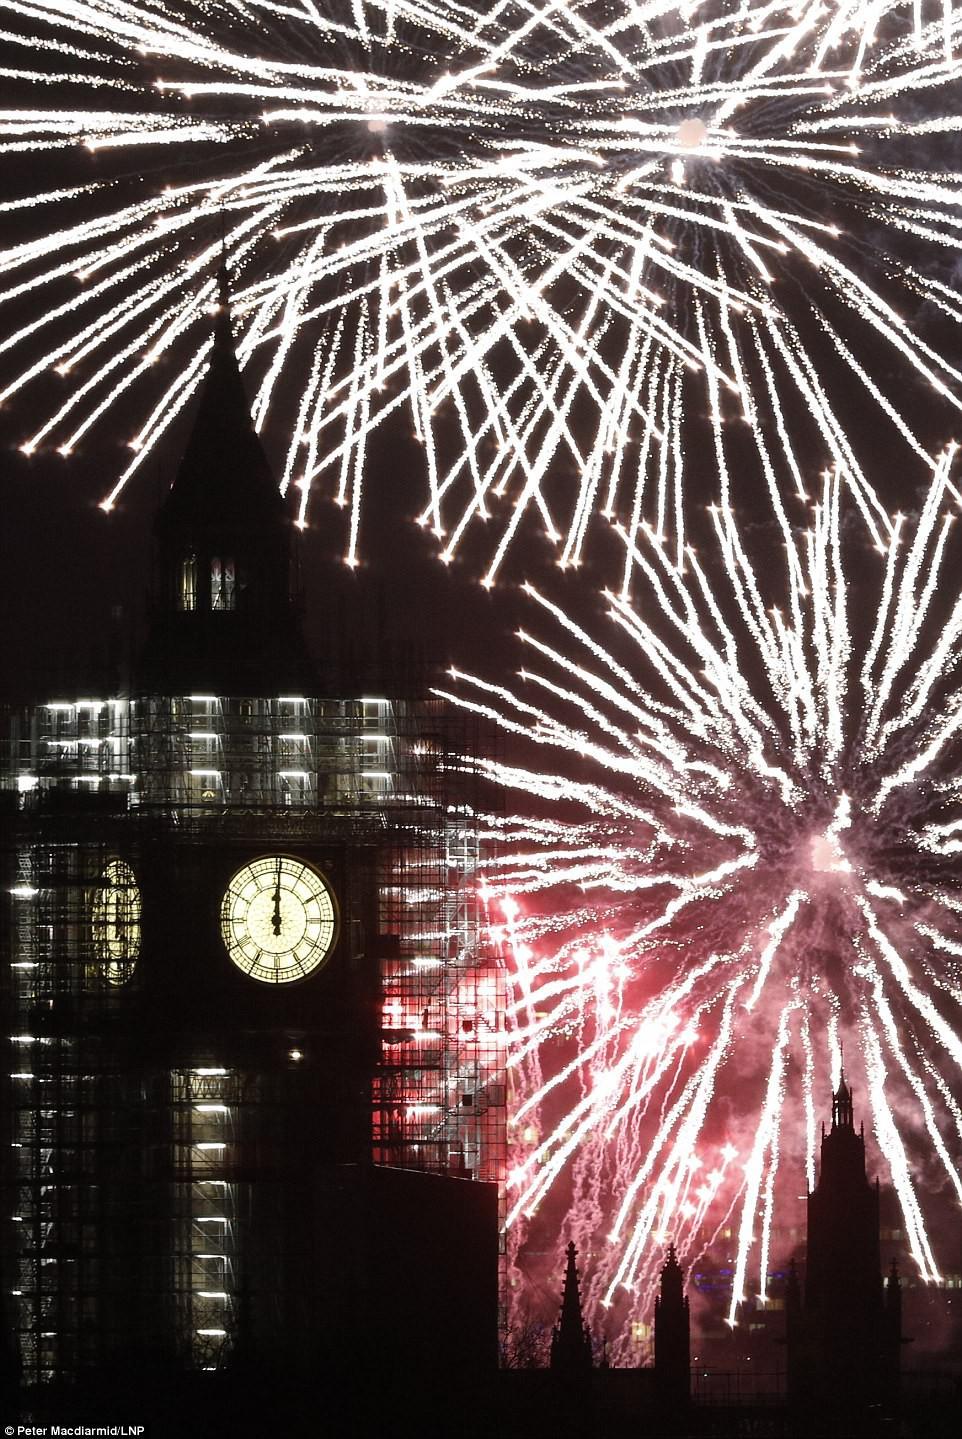 Chùm ảnh: Năm mới 2018 hân hoan trên toàn châu Âu, bầu trời London, Paris ngập tràn pháo hoa rực rỡ - Ảnh 15.